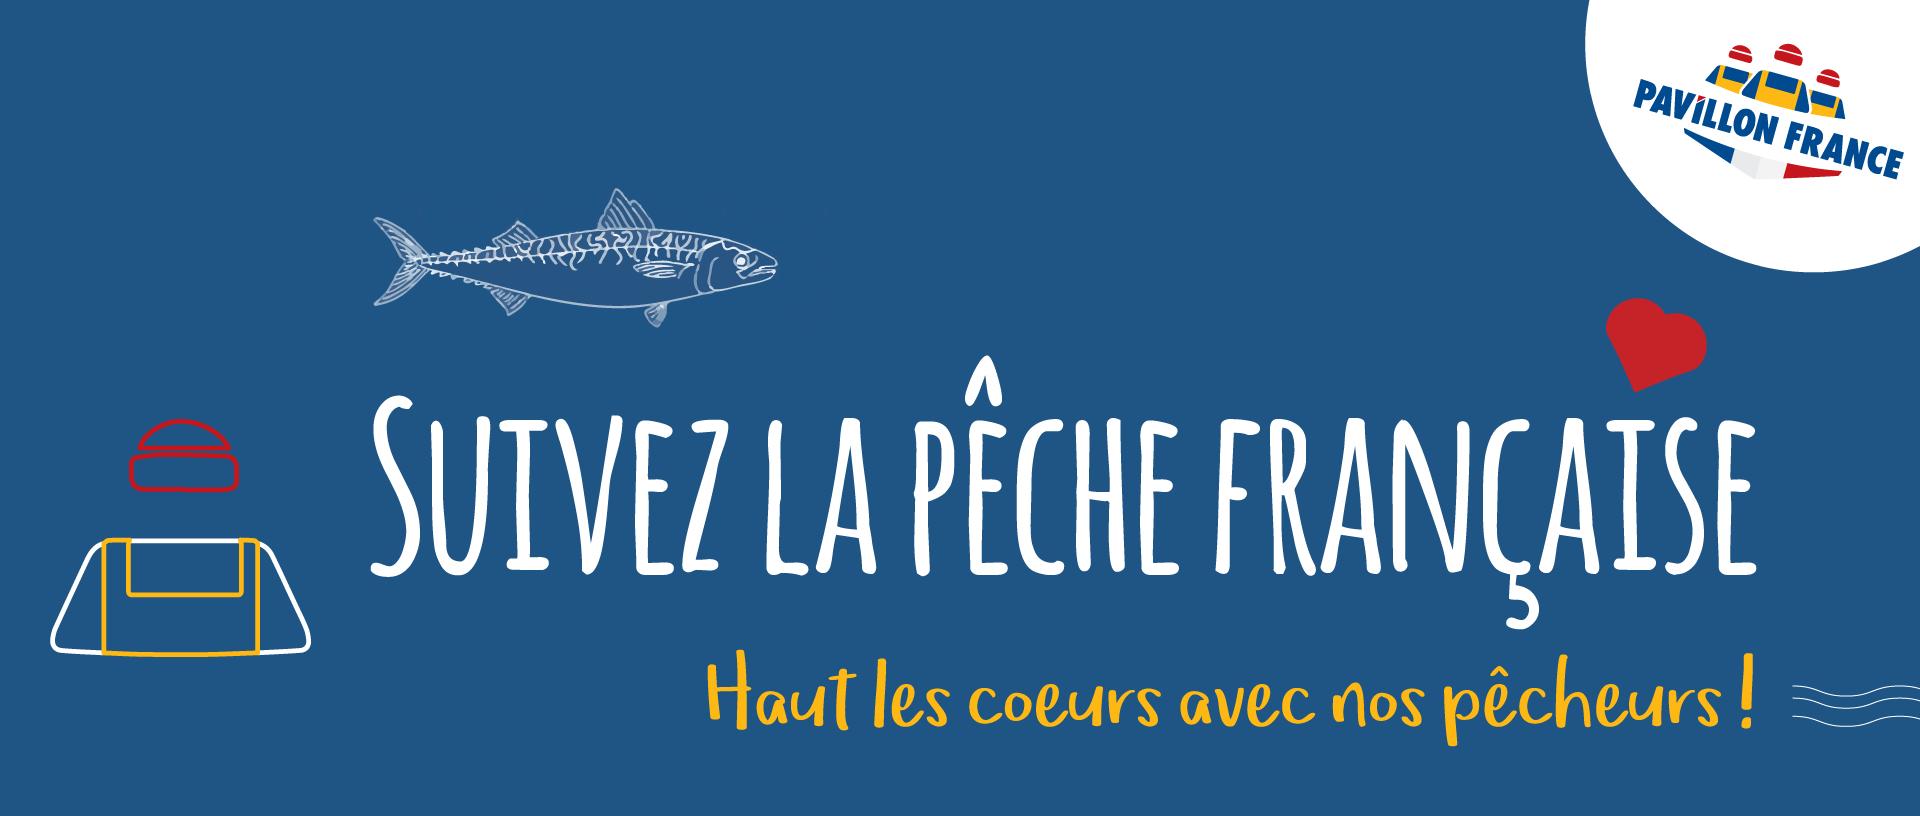 Suivez la pêche française